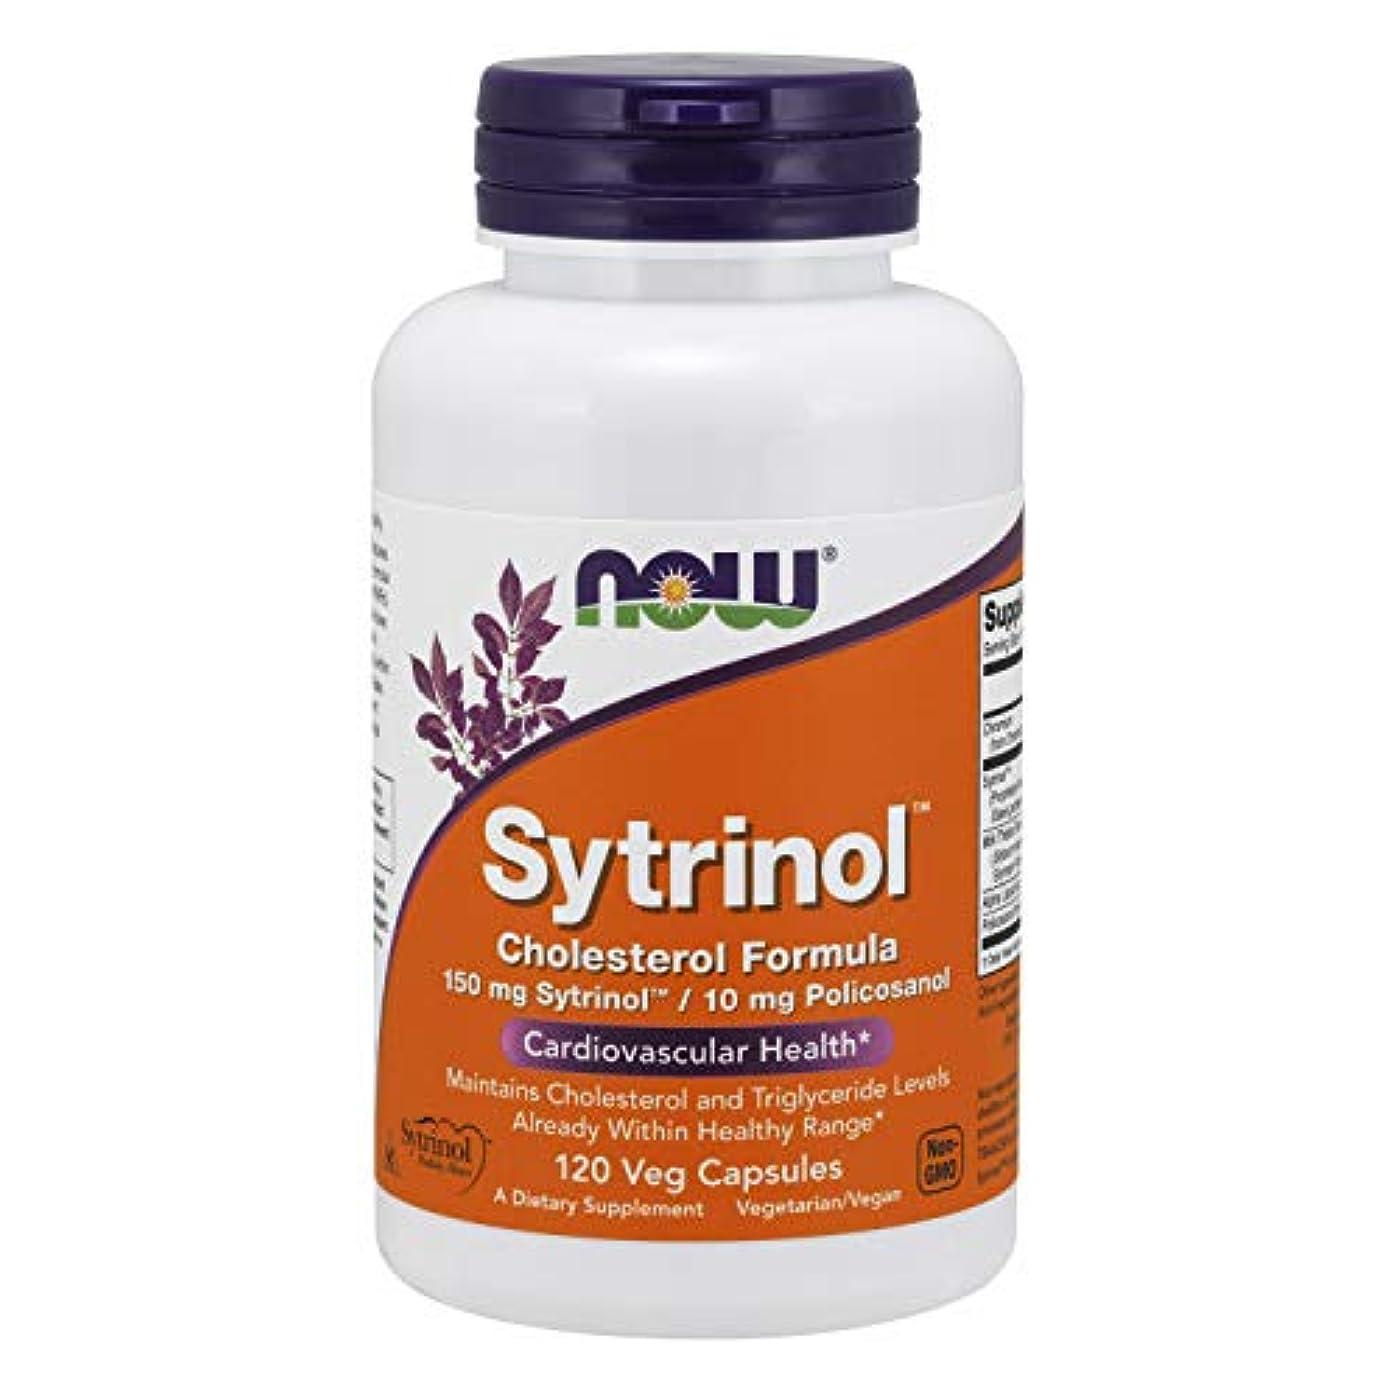 保証金税金スローガン海外直送品 Now Foods Sytrinol, 120 Vcaps 150 mg